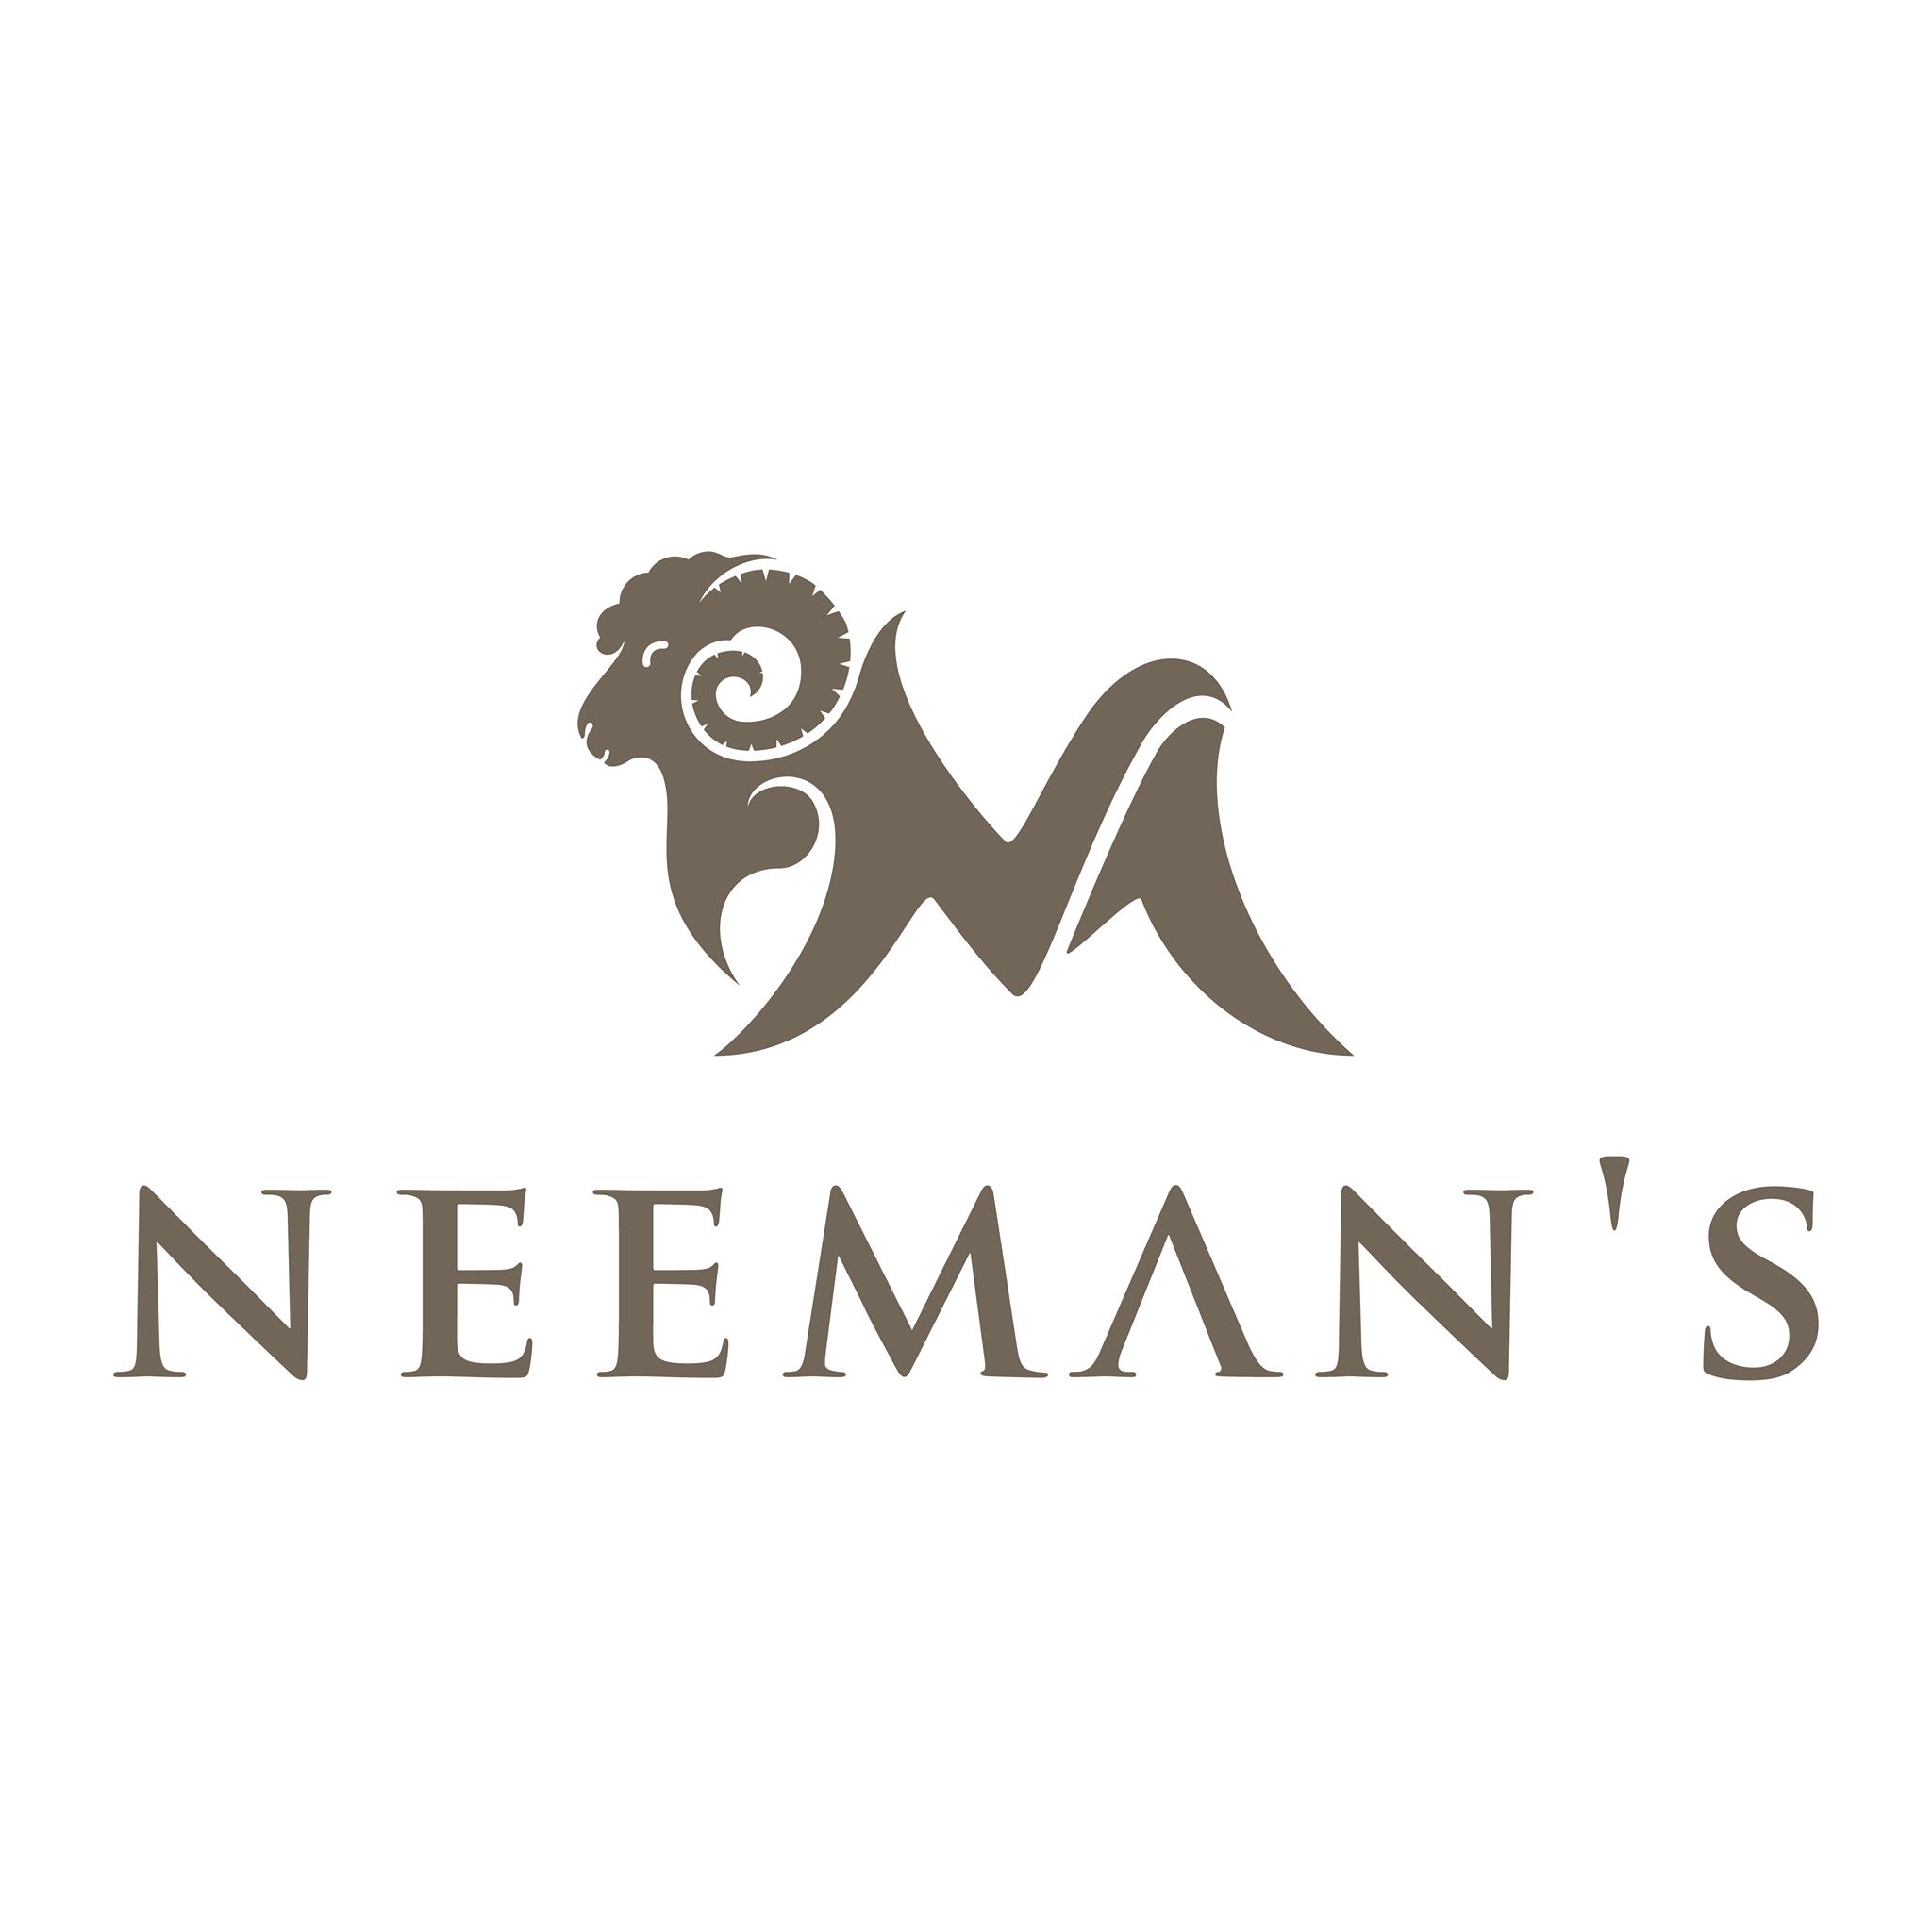 NEEMANS.com